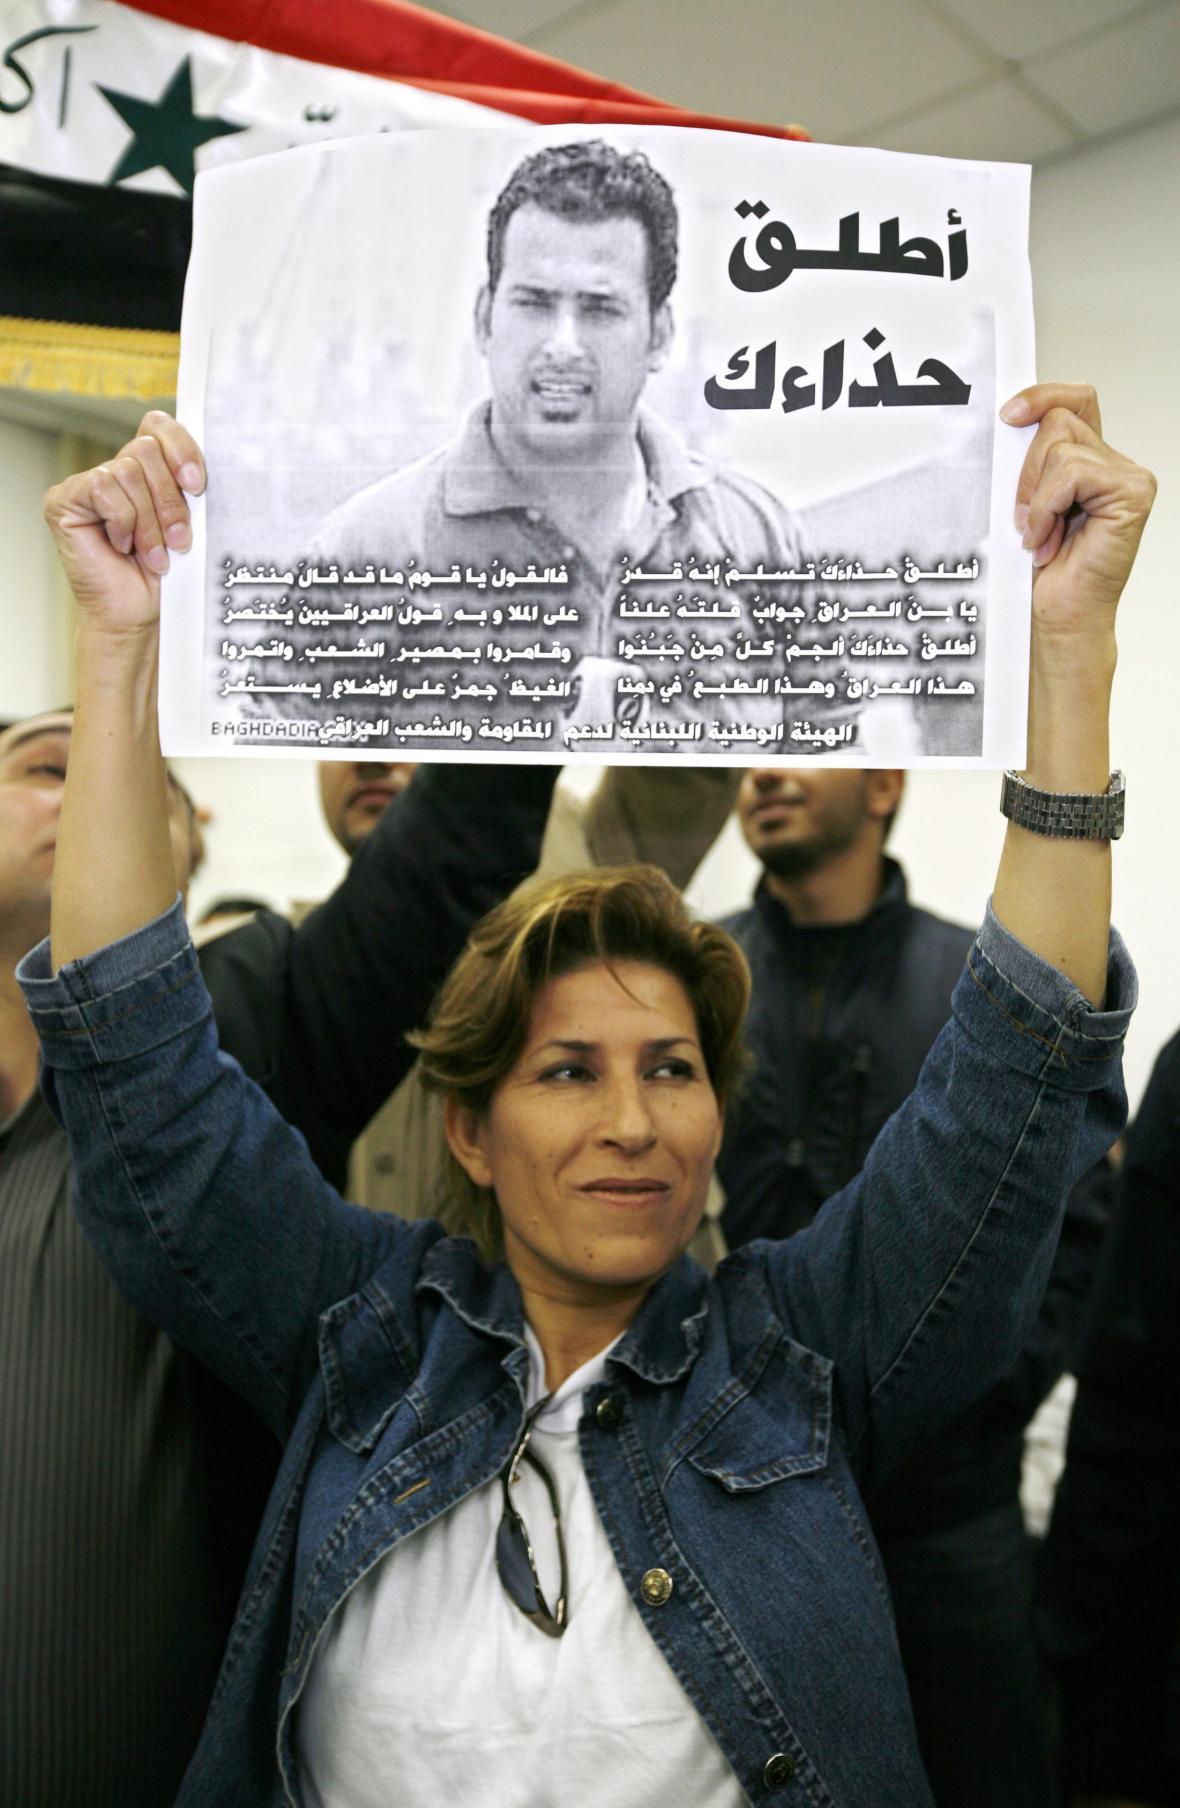 Libanonská novinářka na demonstraci se Zajdího obrázkem